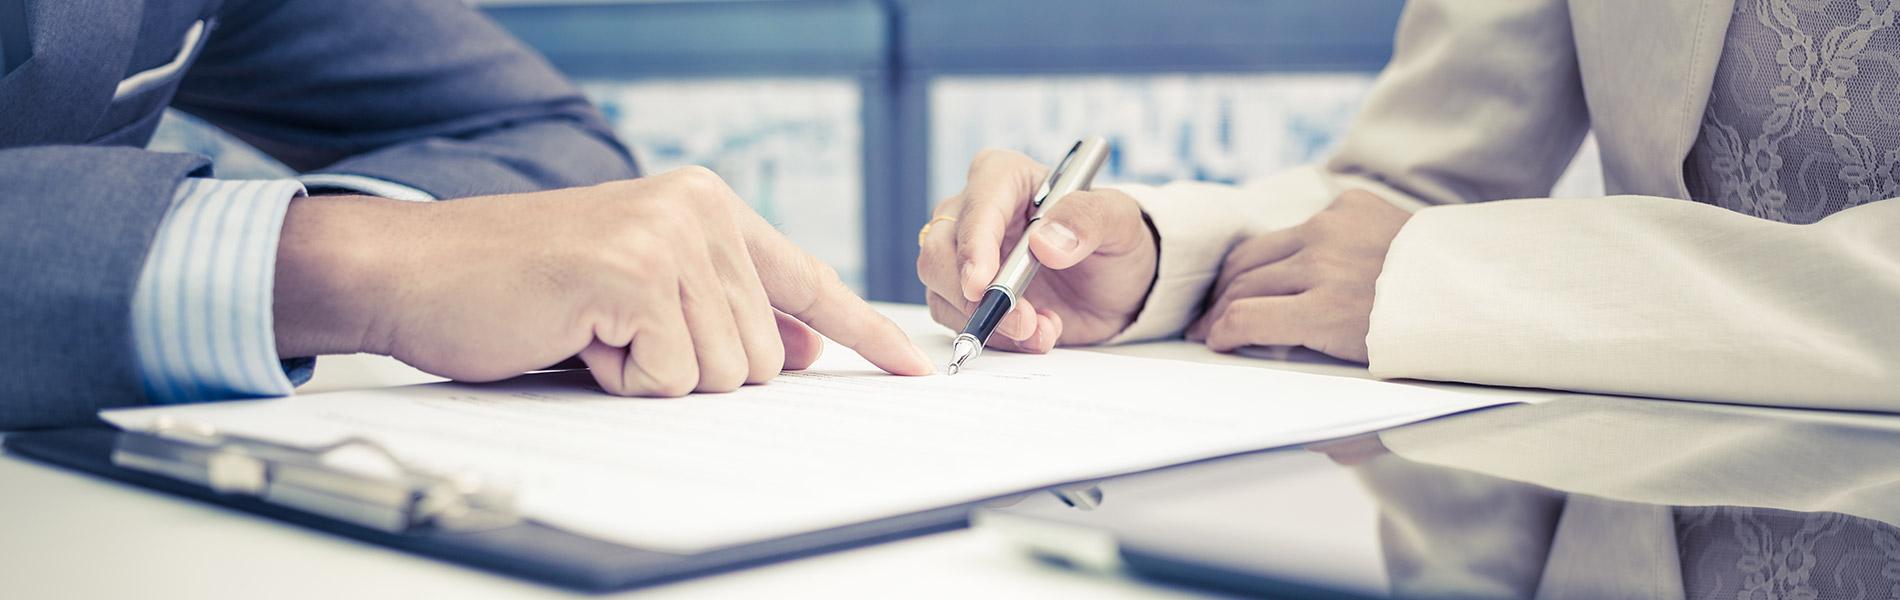 รายชื่อนักศึกษาเก่าประสงค์ขอกู้ฯ (กยศ. รายใหม่) ทำสัญญาค้ำประกันและยืนยันค่าเล่าเรียน  ภาคเรียนที่ 1/2561